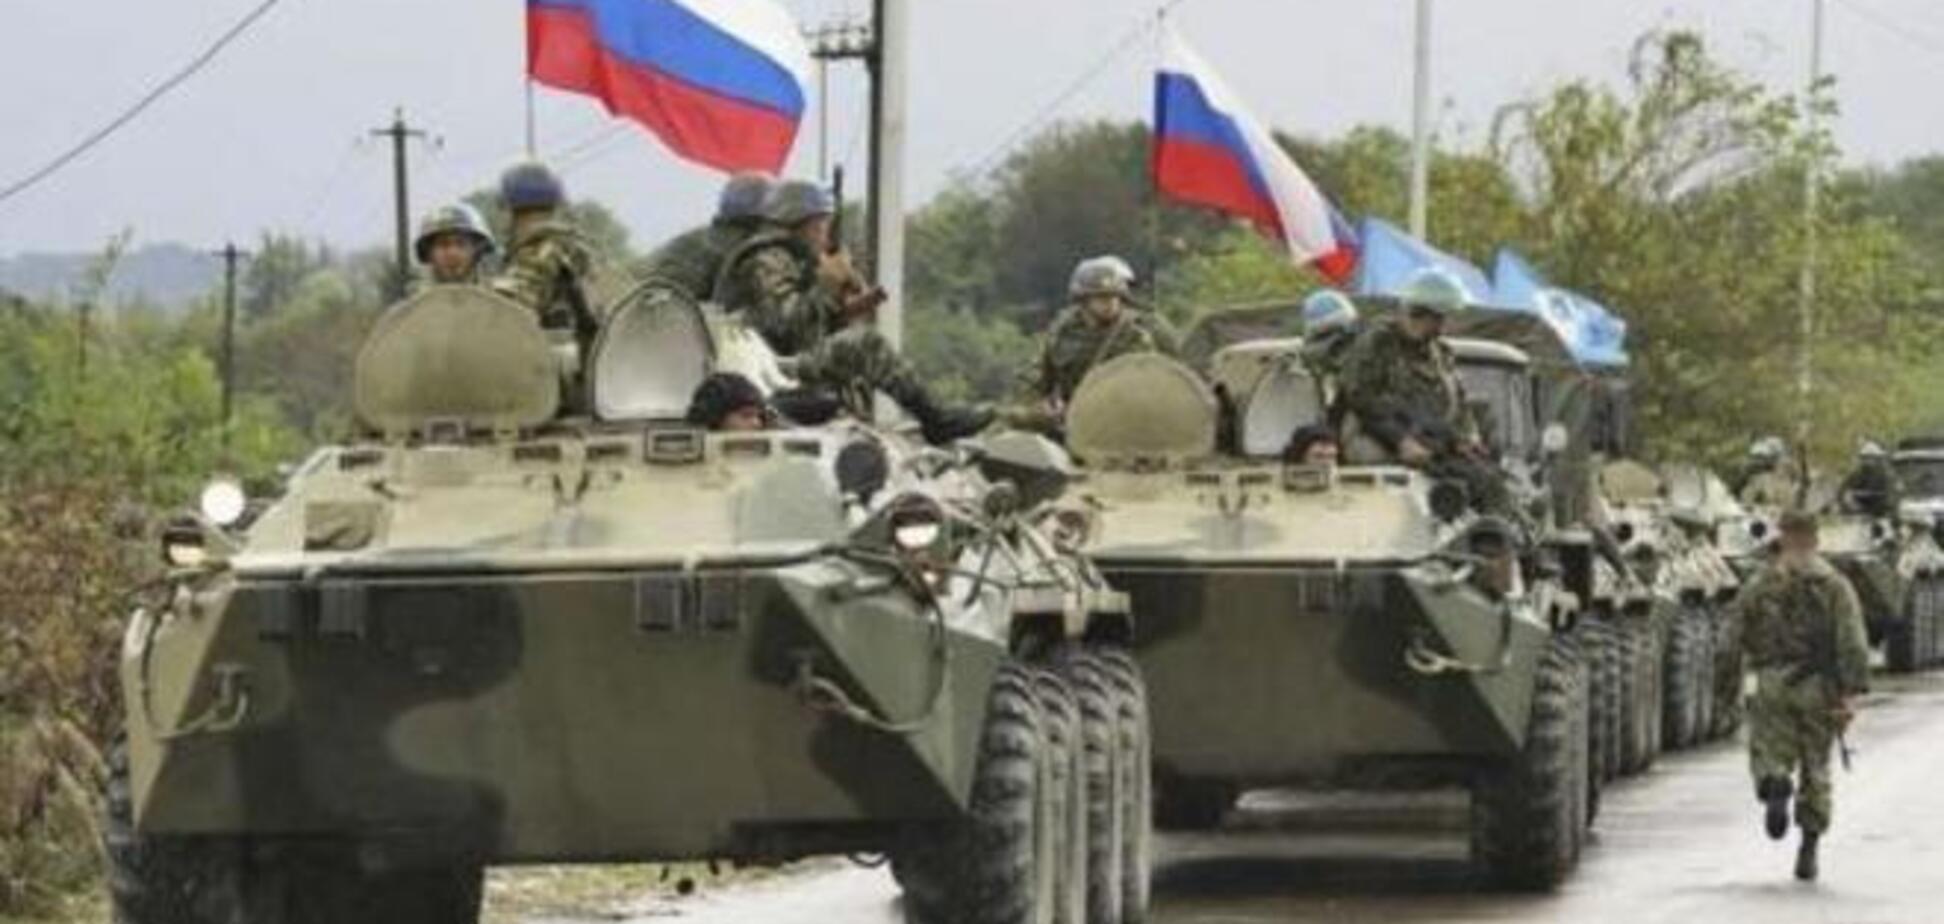 На Донетчину прибыли 50 танков и БТРов и 500 солдат из России